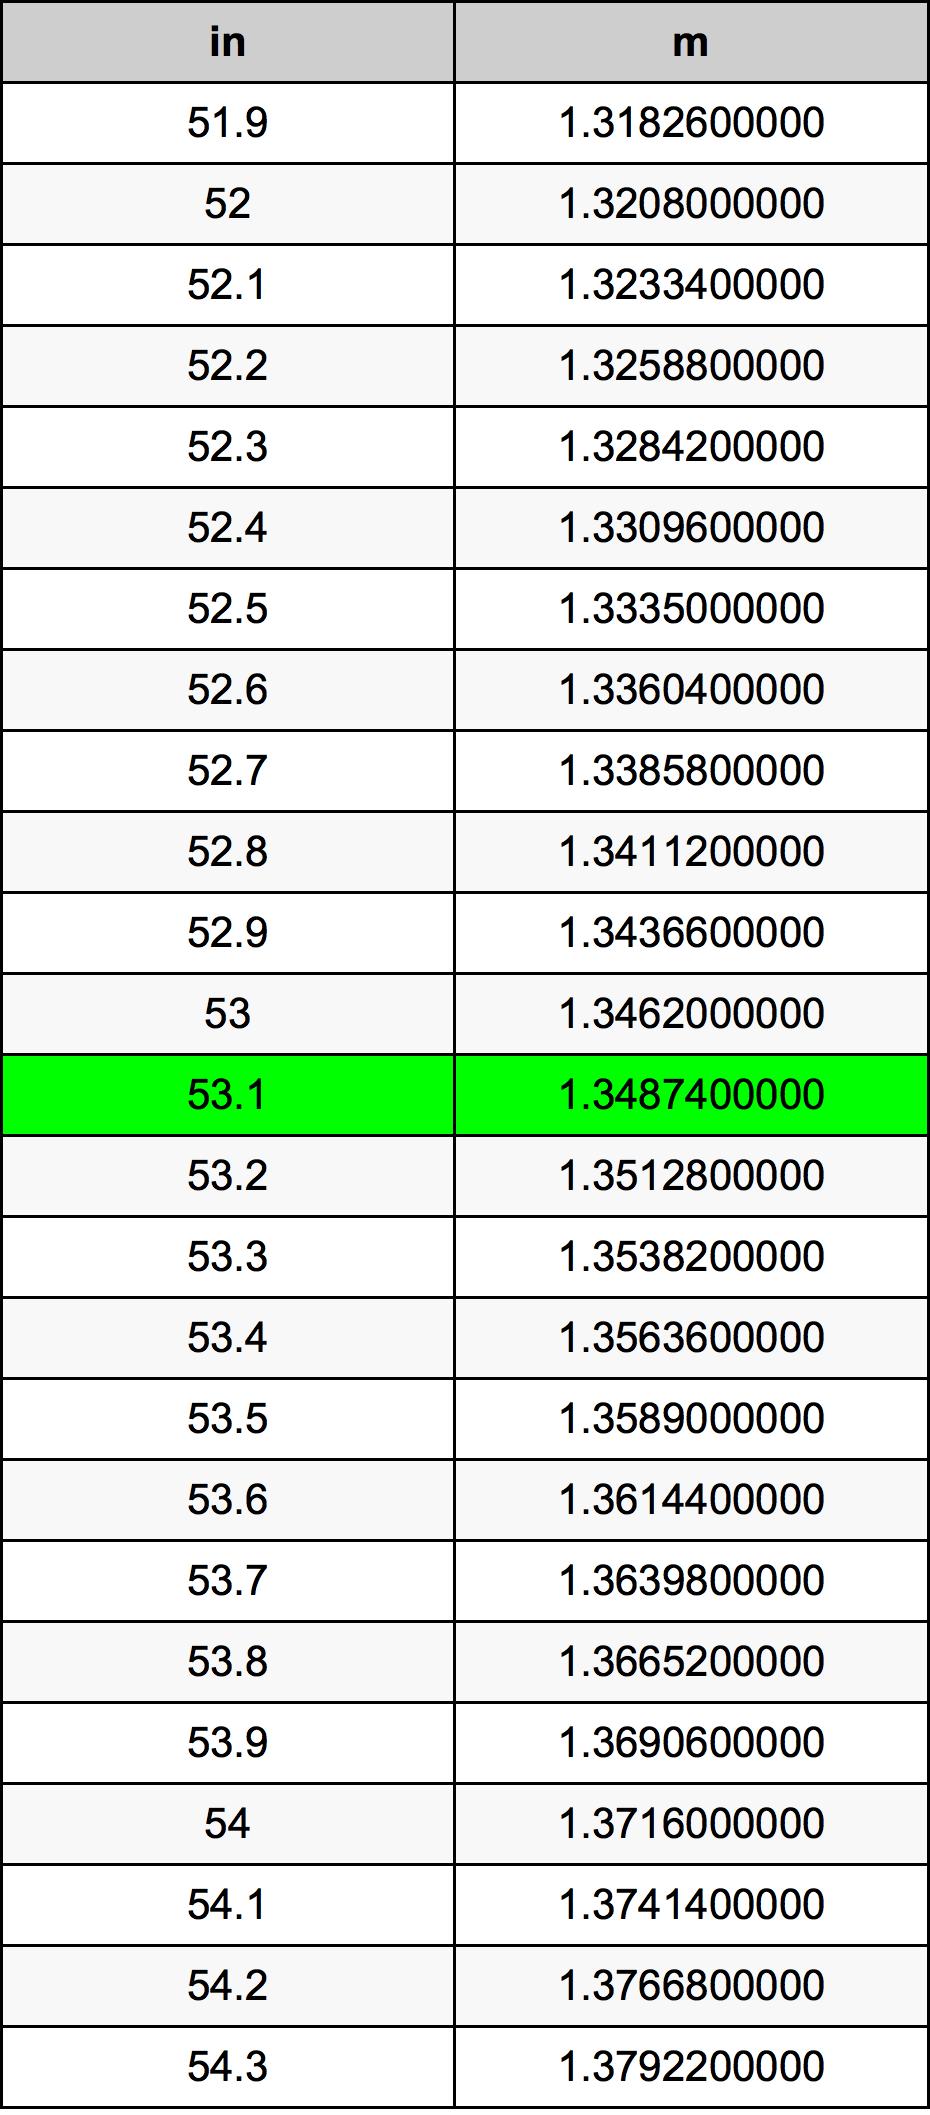 53.1 Tomme omregningstabel